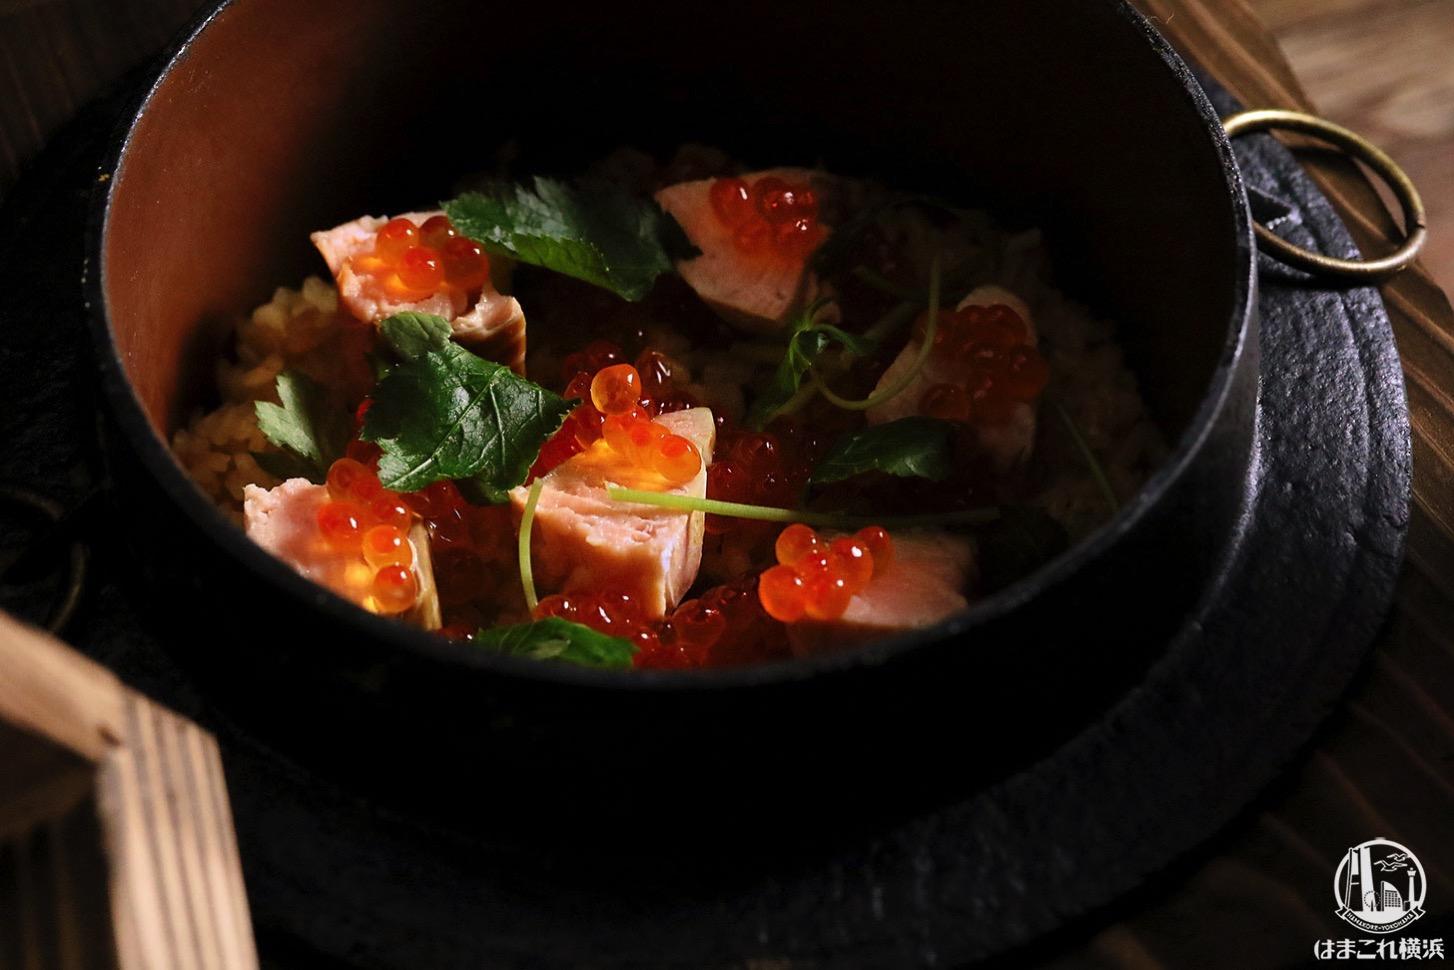 鮭とイクラの釜飯 1,900円、〆物 掛け出汁セット 300円